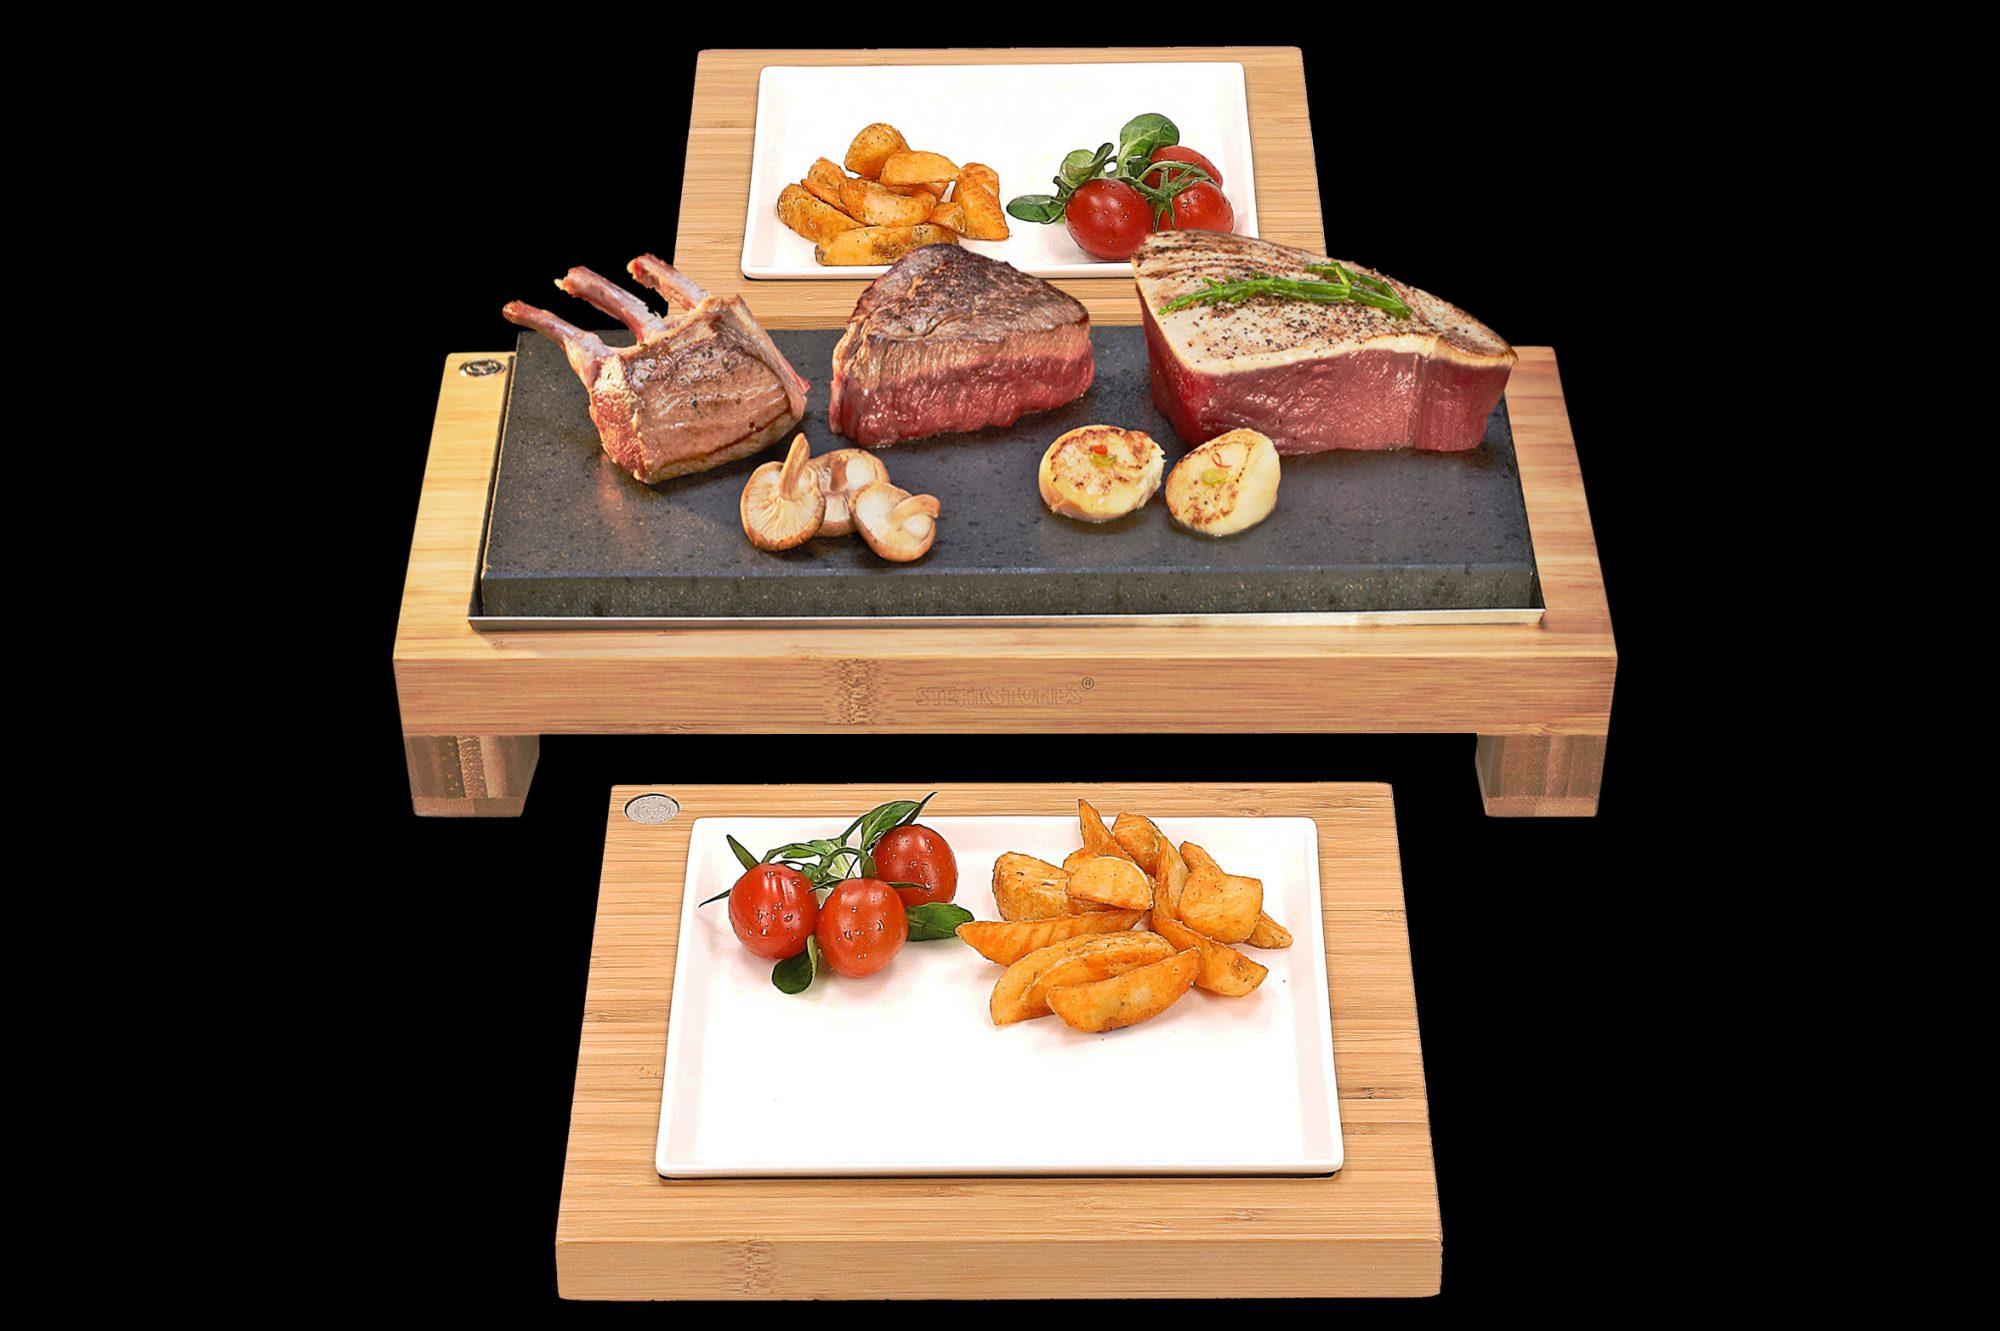 The Raised Steak Sharer \u0026 Server Sets. Fillet Steak baby Rack of Lamb & The Raised Sharing Steak Plate \u0026 Server Sets (SS003RSRV) - SteakStones